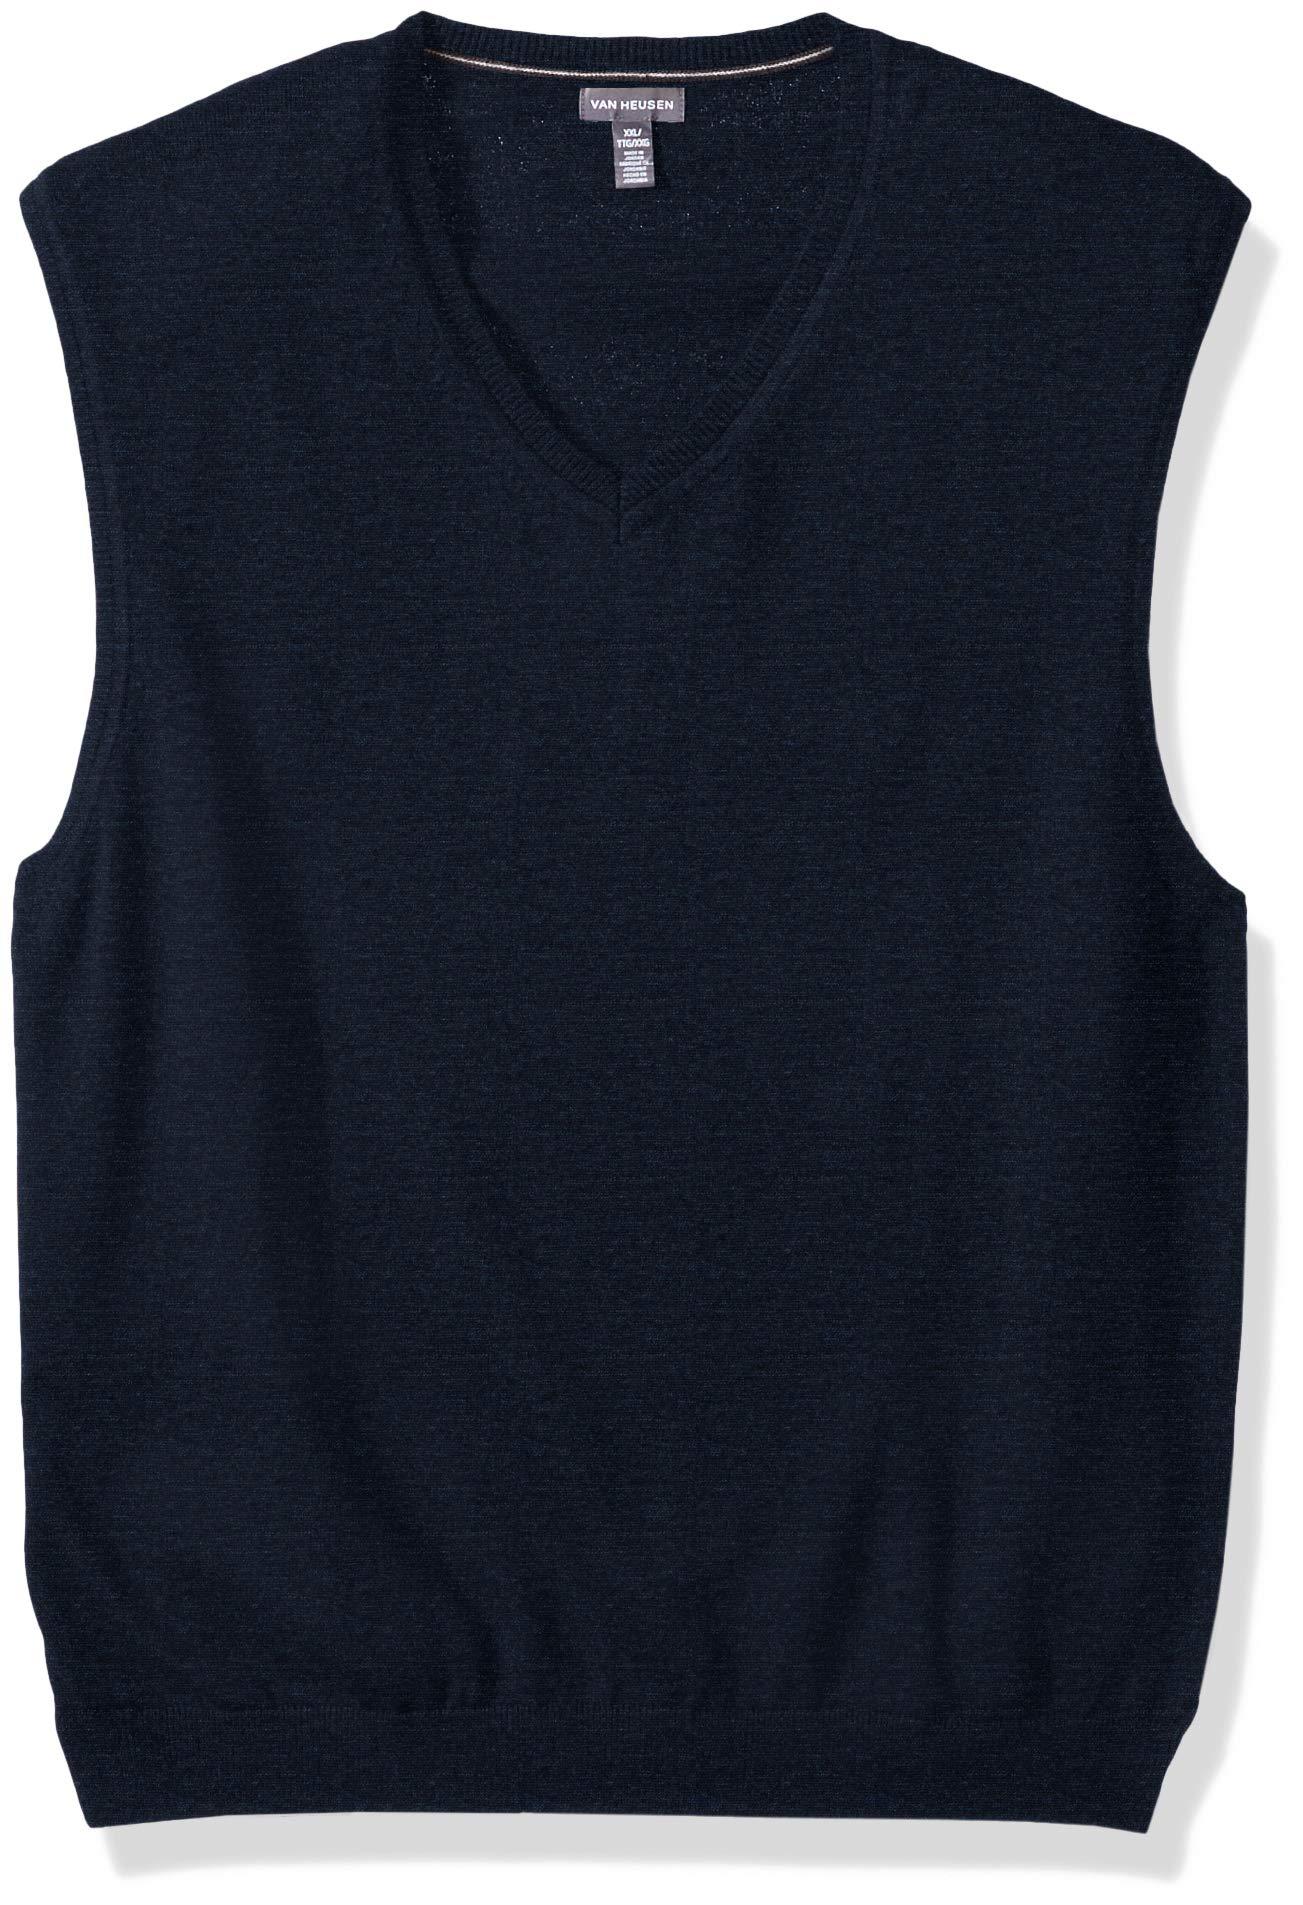 Van Heusen Men's Solid Jersey Sweater Vest, Blue Night Heather, Medium